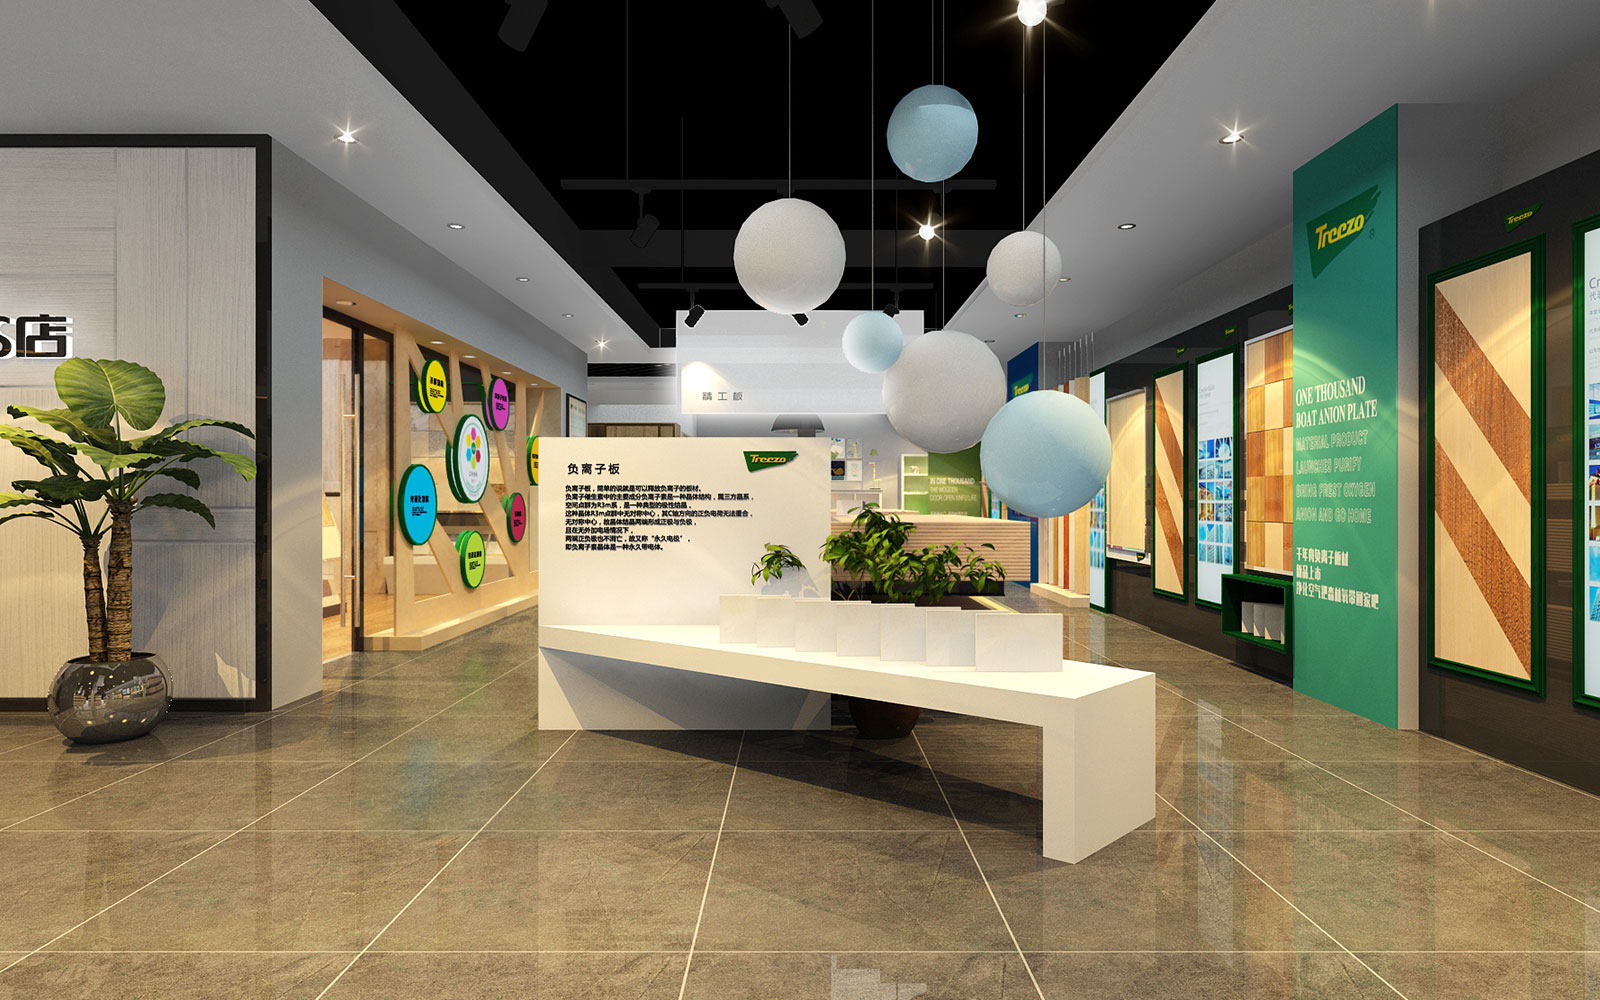 商业空间设计中工业风格设计运用的价值体现